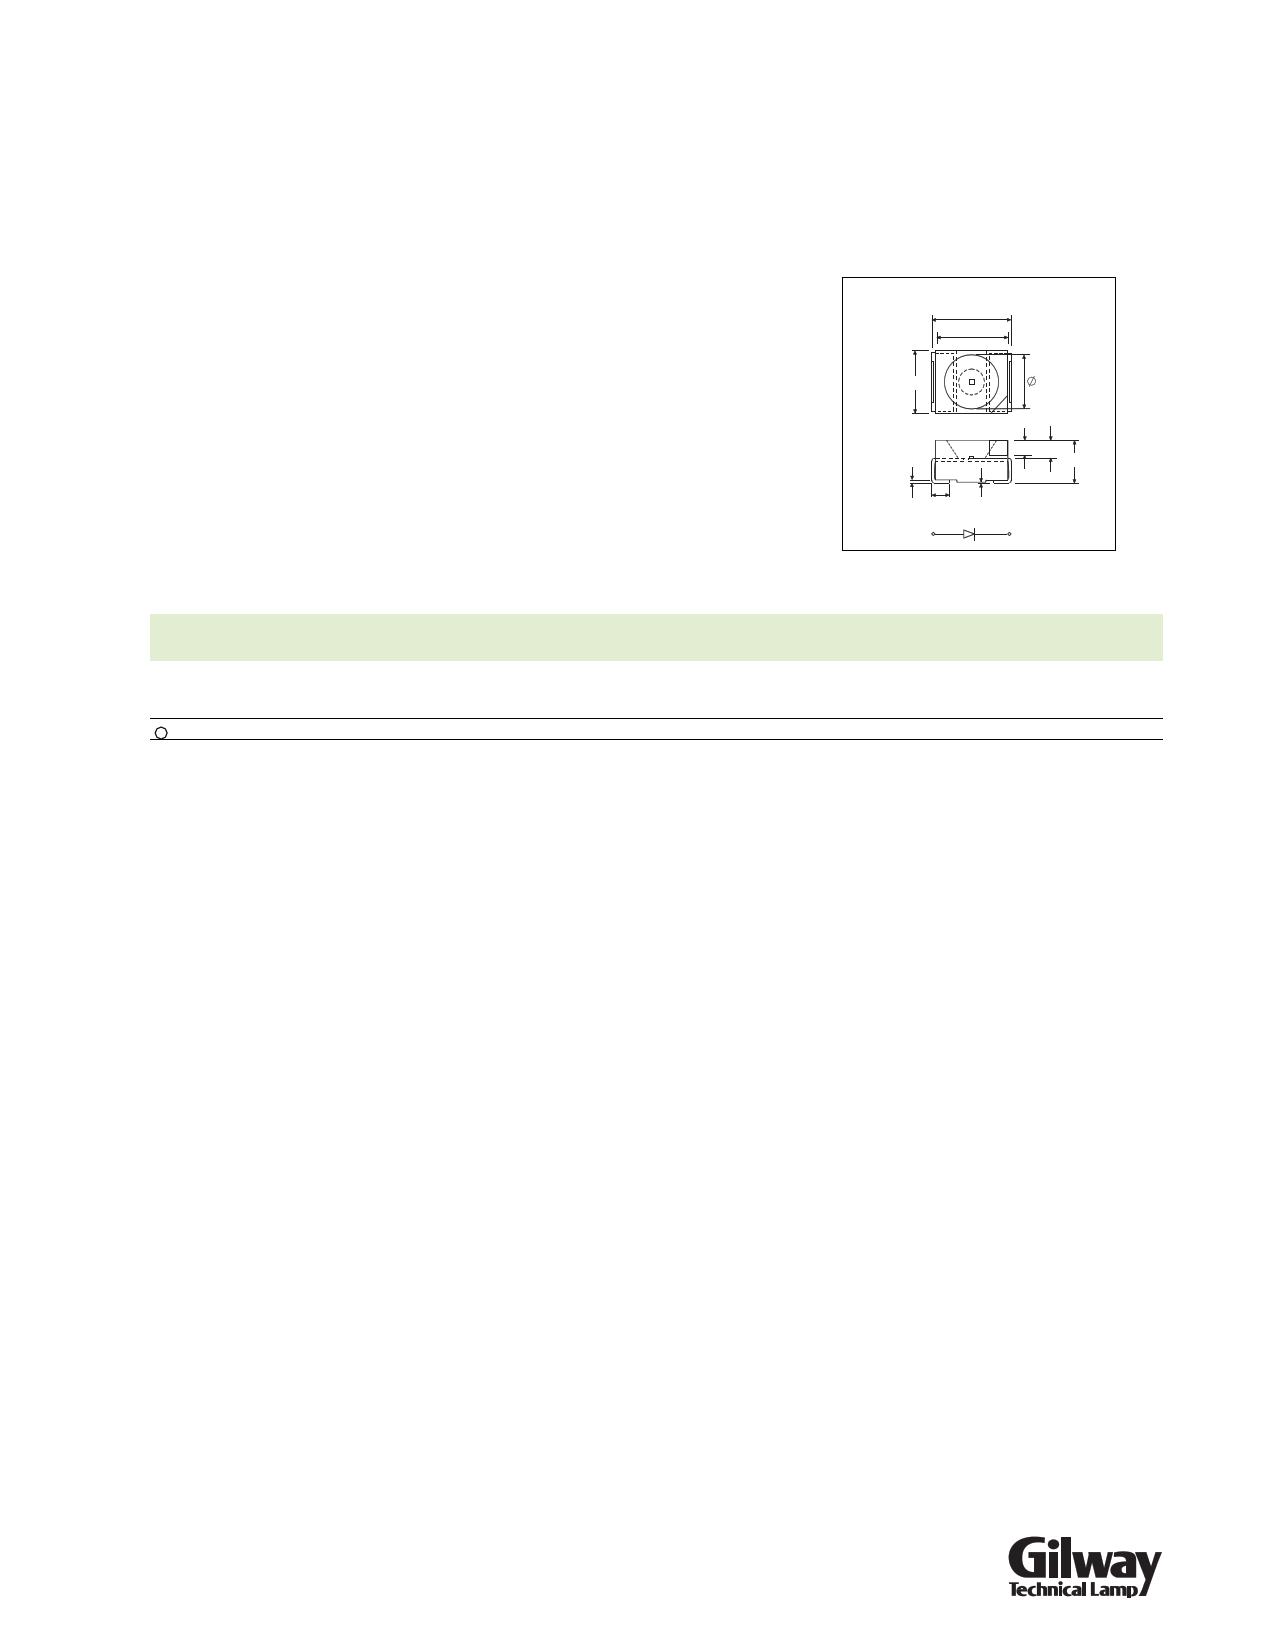 E1008 Hoja de datos, Descripción, Manual